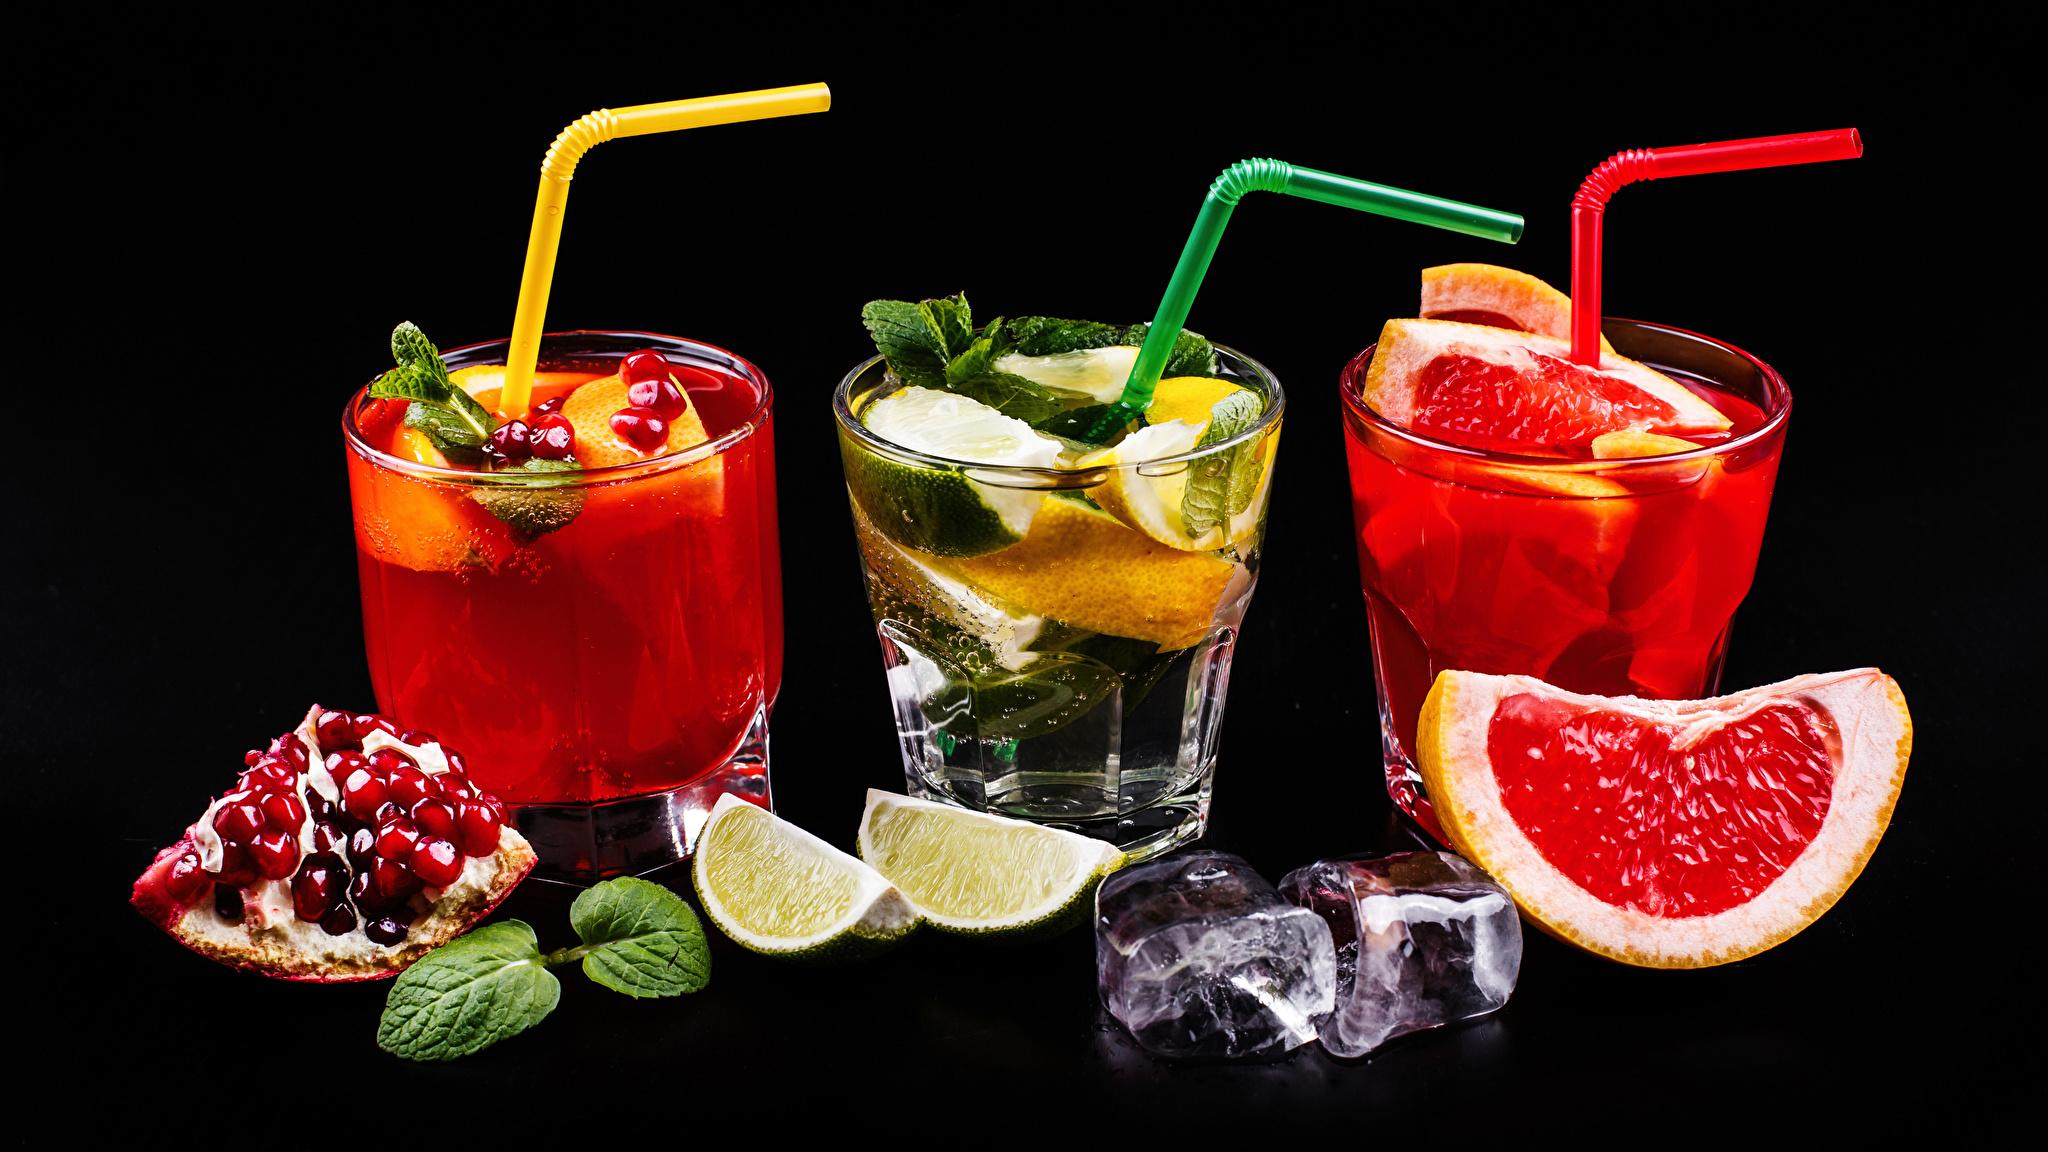 Обои Алкогольные напитки льда Лайм Грейпфрут Стакан Гранат Трое 3 Коктейль Продукты питания Черный фон 2048x1152 Лед стакана стакане Еда Пища втроем